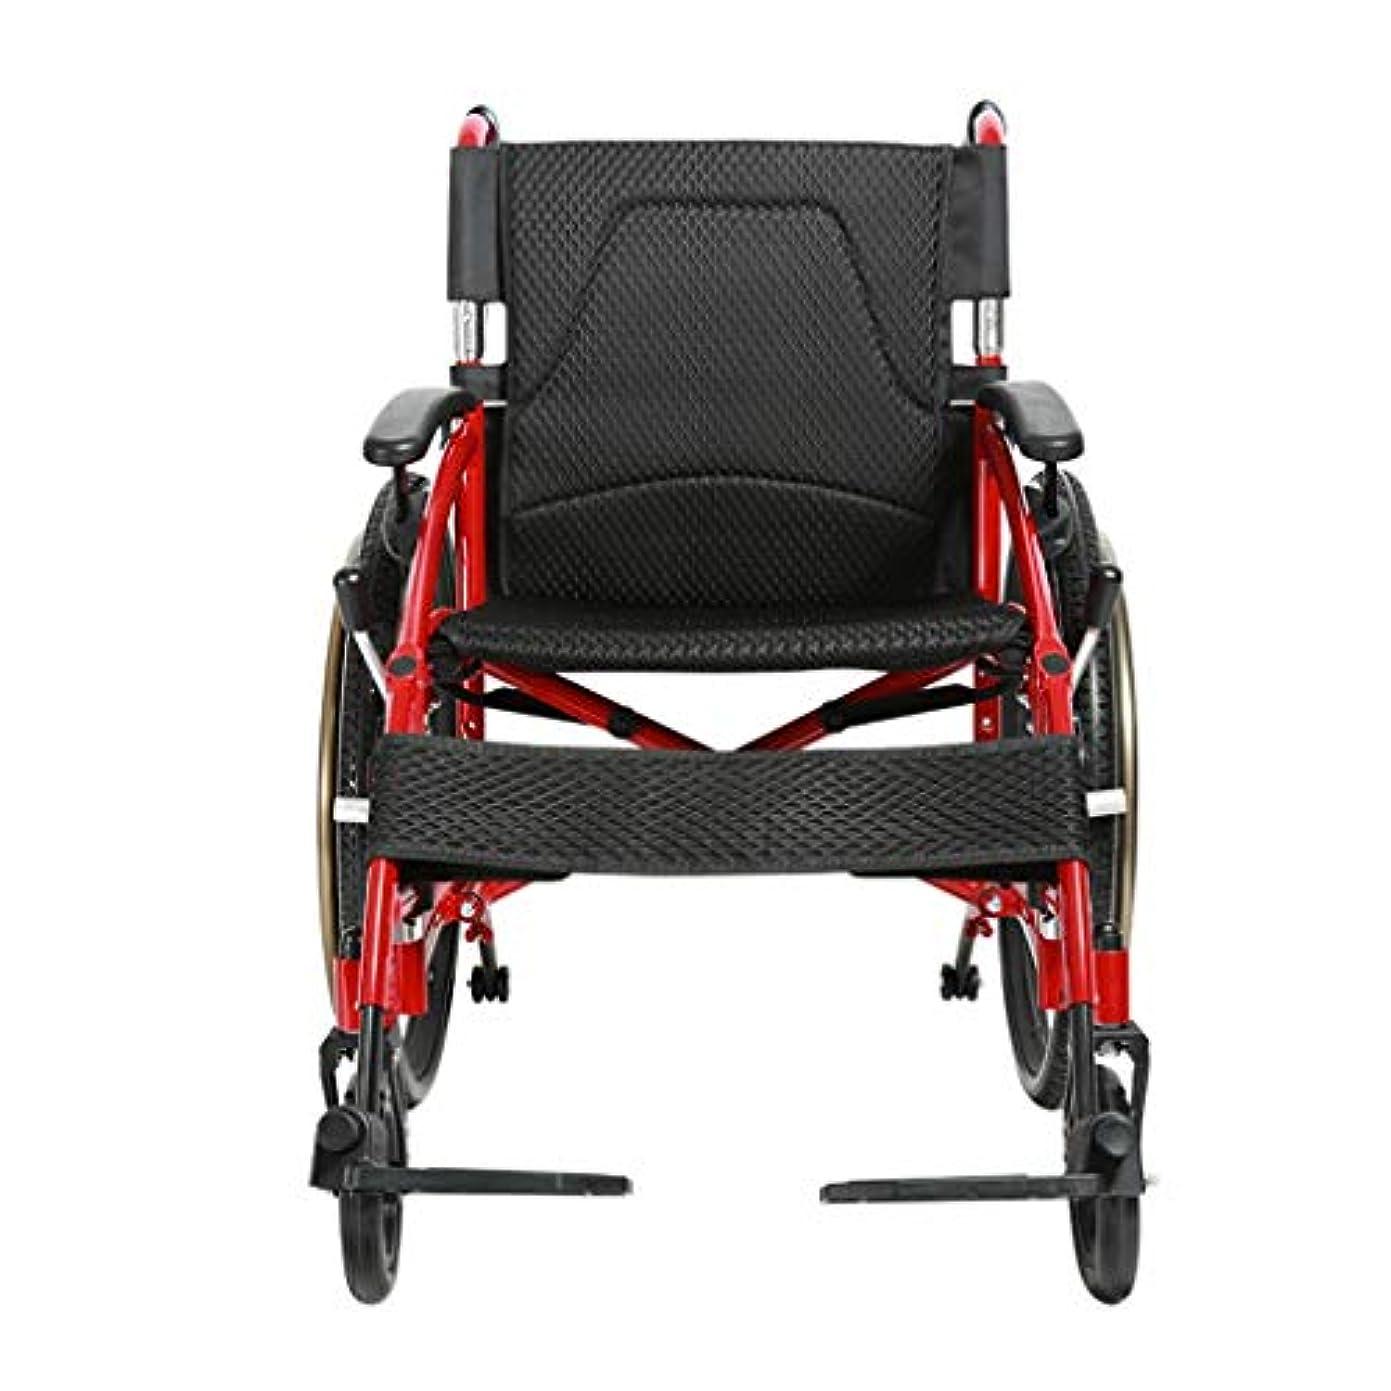 宣言する邪悪なミッション車椅子折りたたみ超軽量アルミニウム合金、高齢者向け車椅子、多目的トロリー